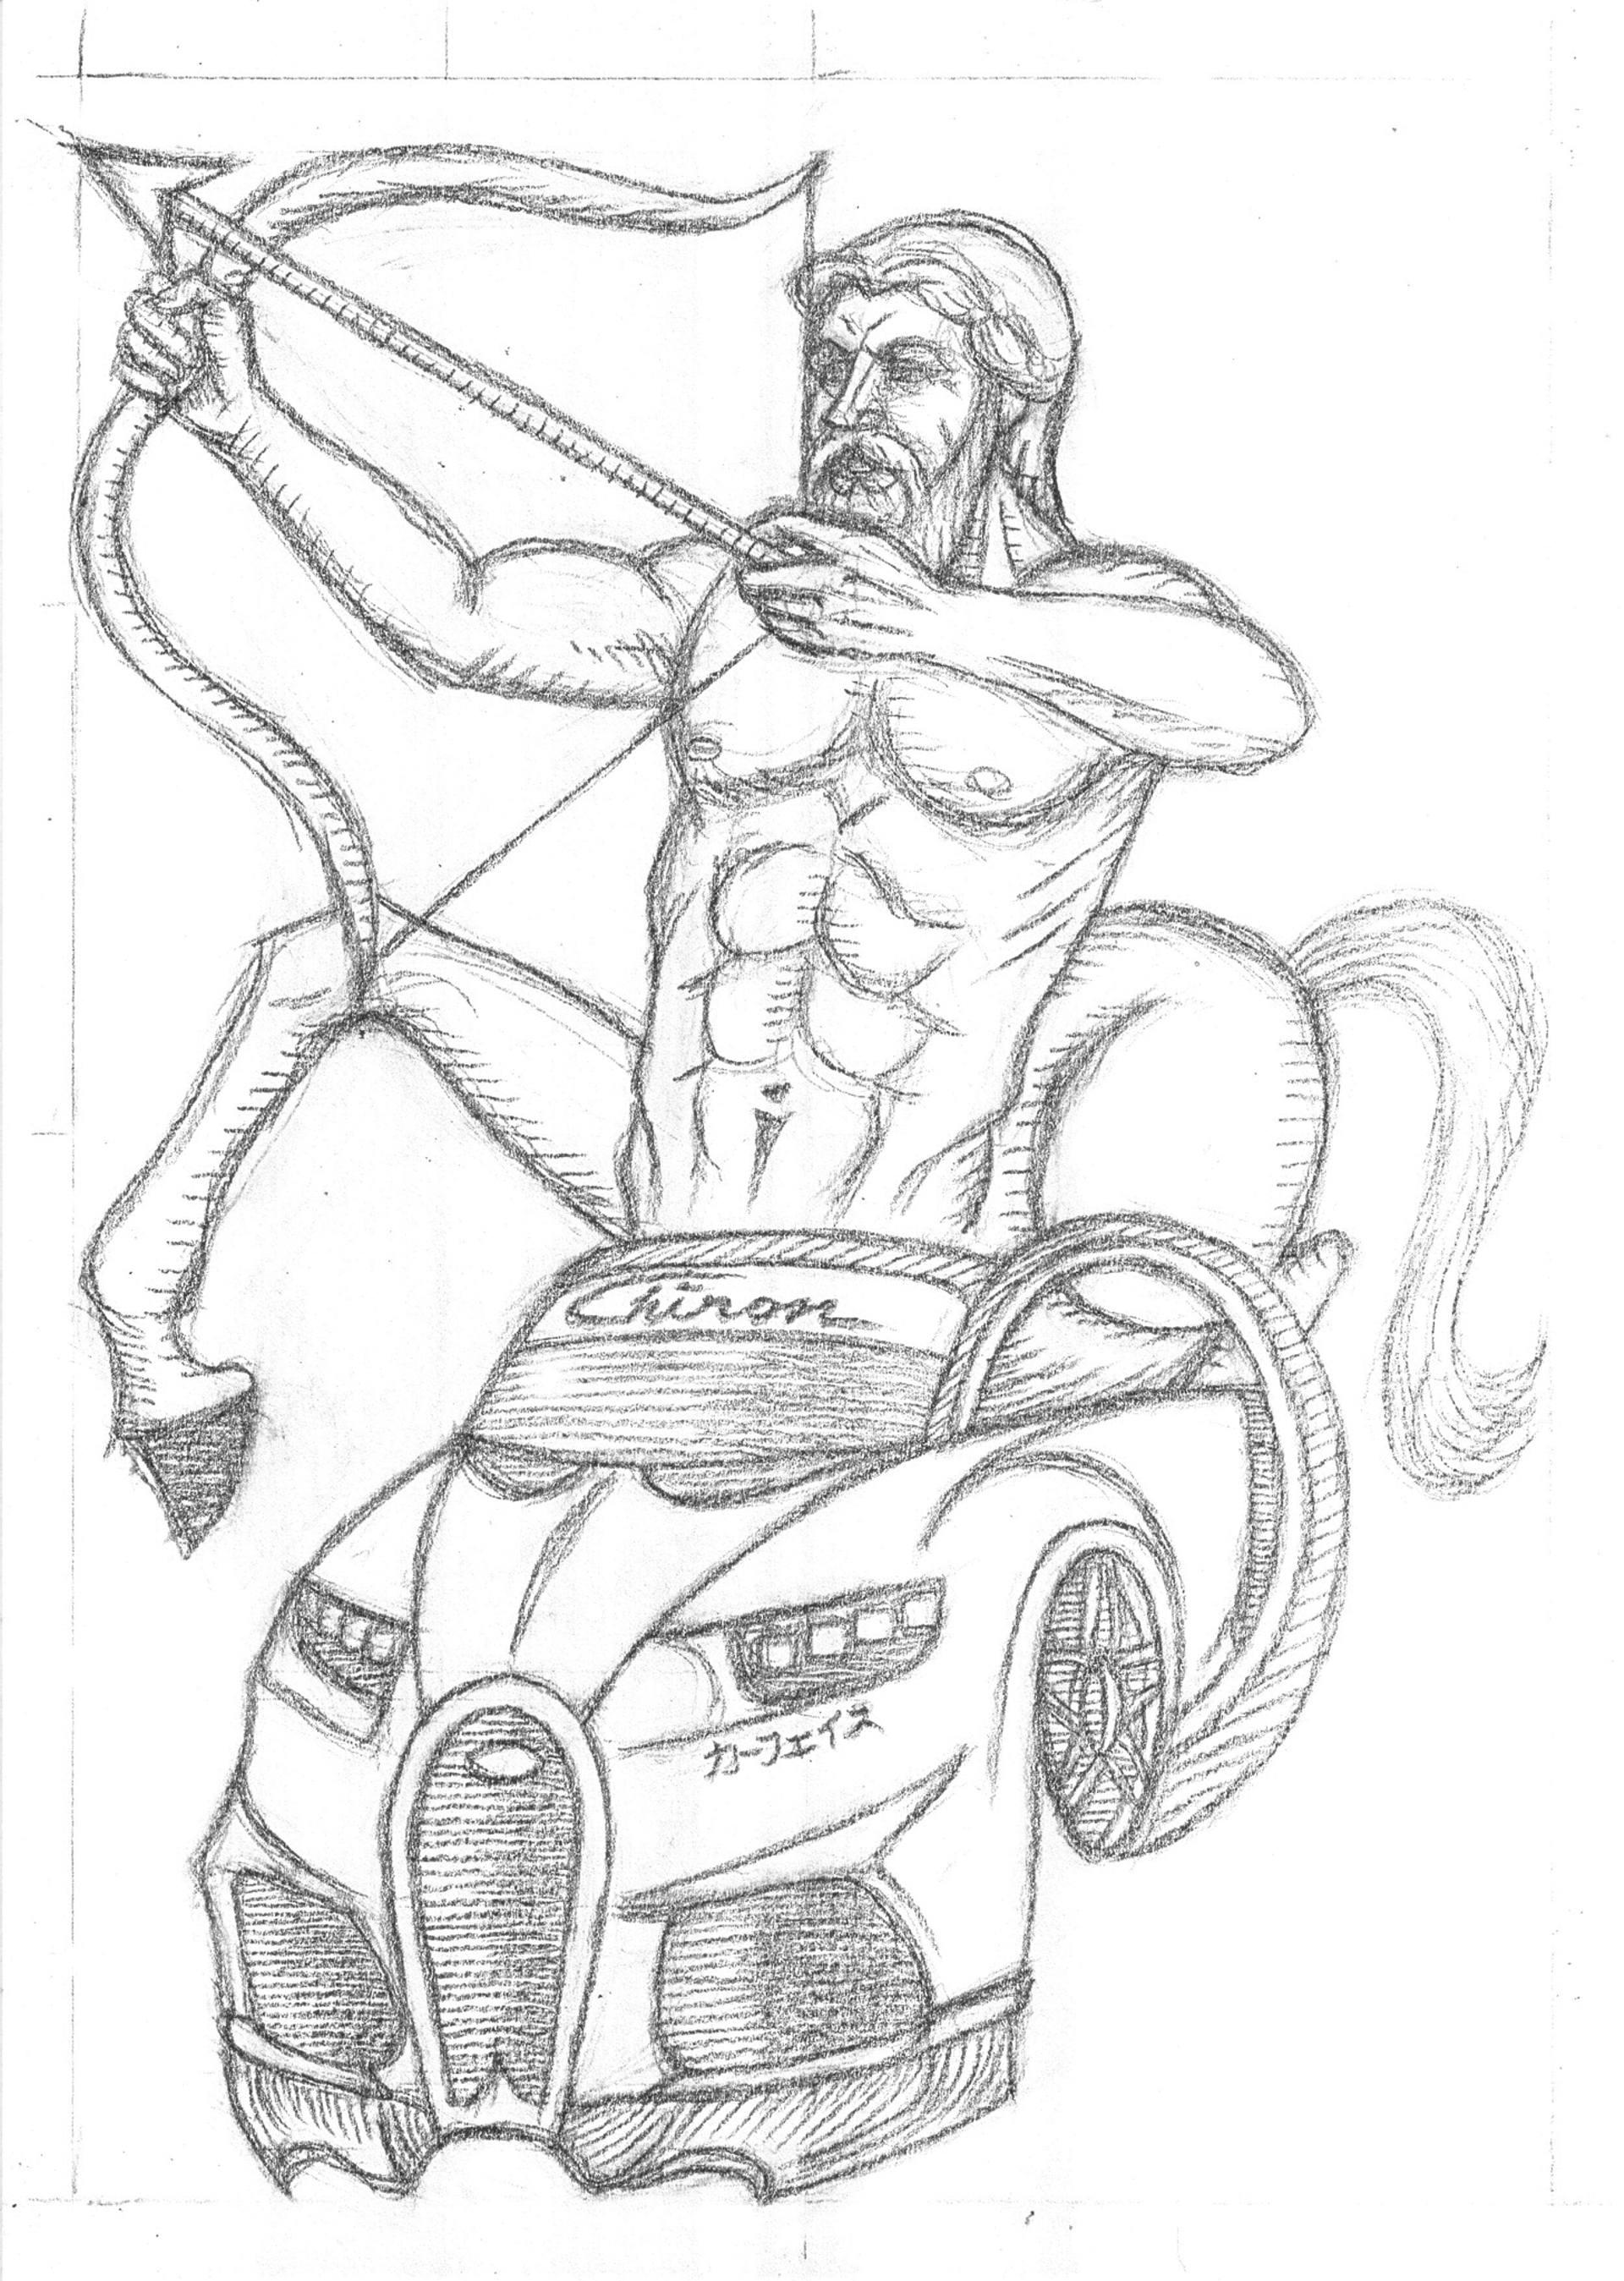 Koenigsegg Drawing